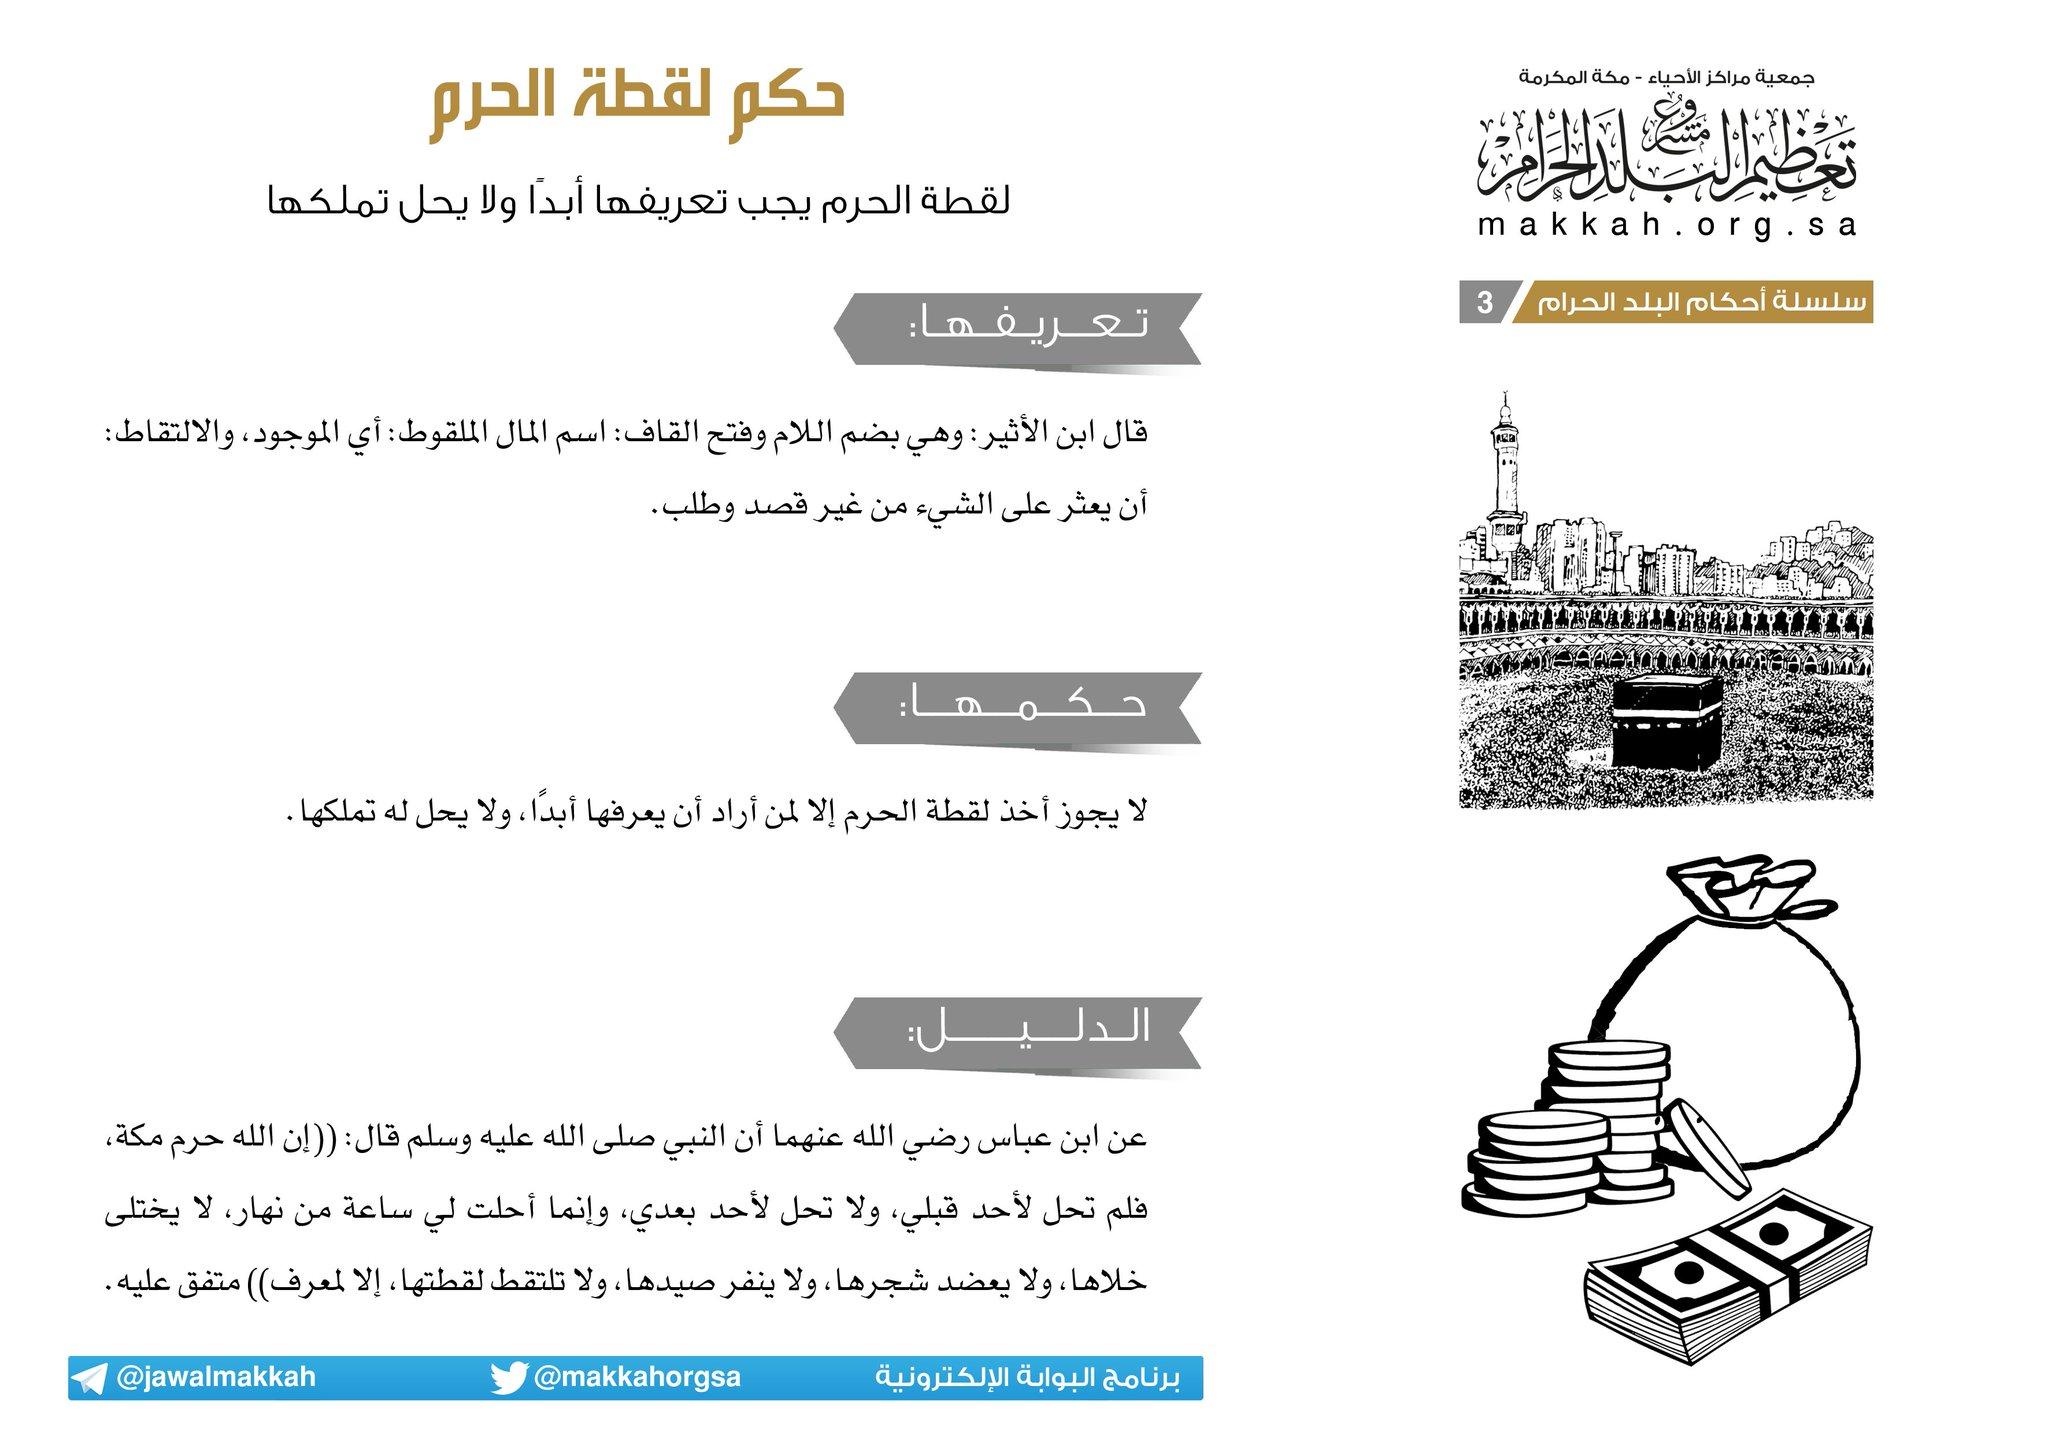 تعظيم البلد الحرام على تويتر سلسلة أحكام البلد الحرام 3 حكم اللقطة في حرم مكة المكرمة